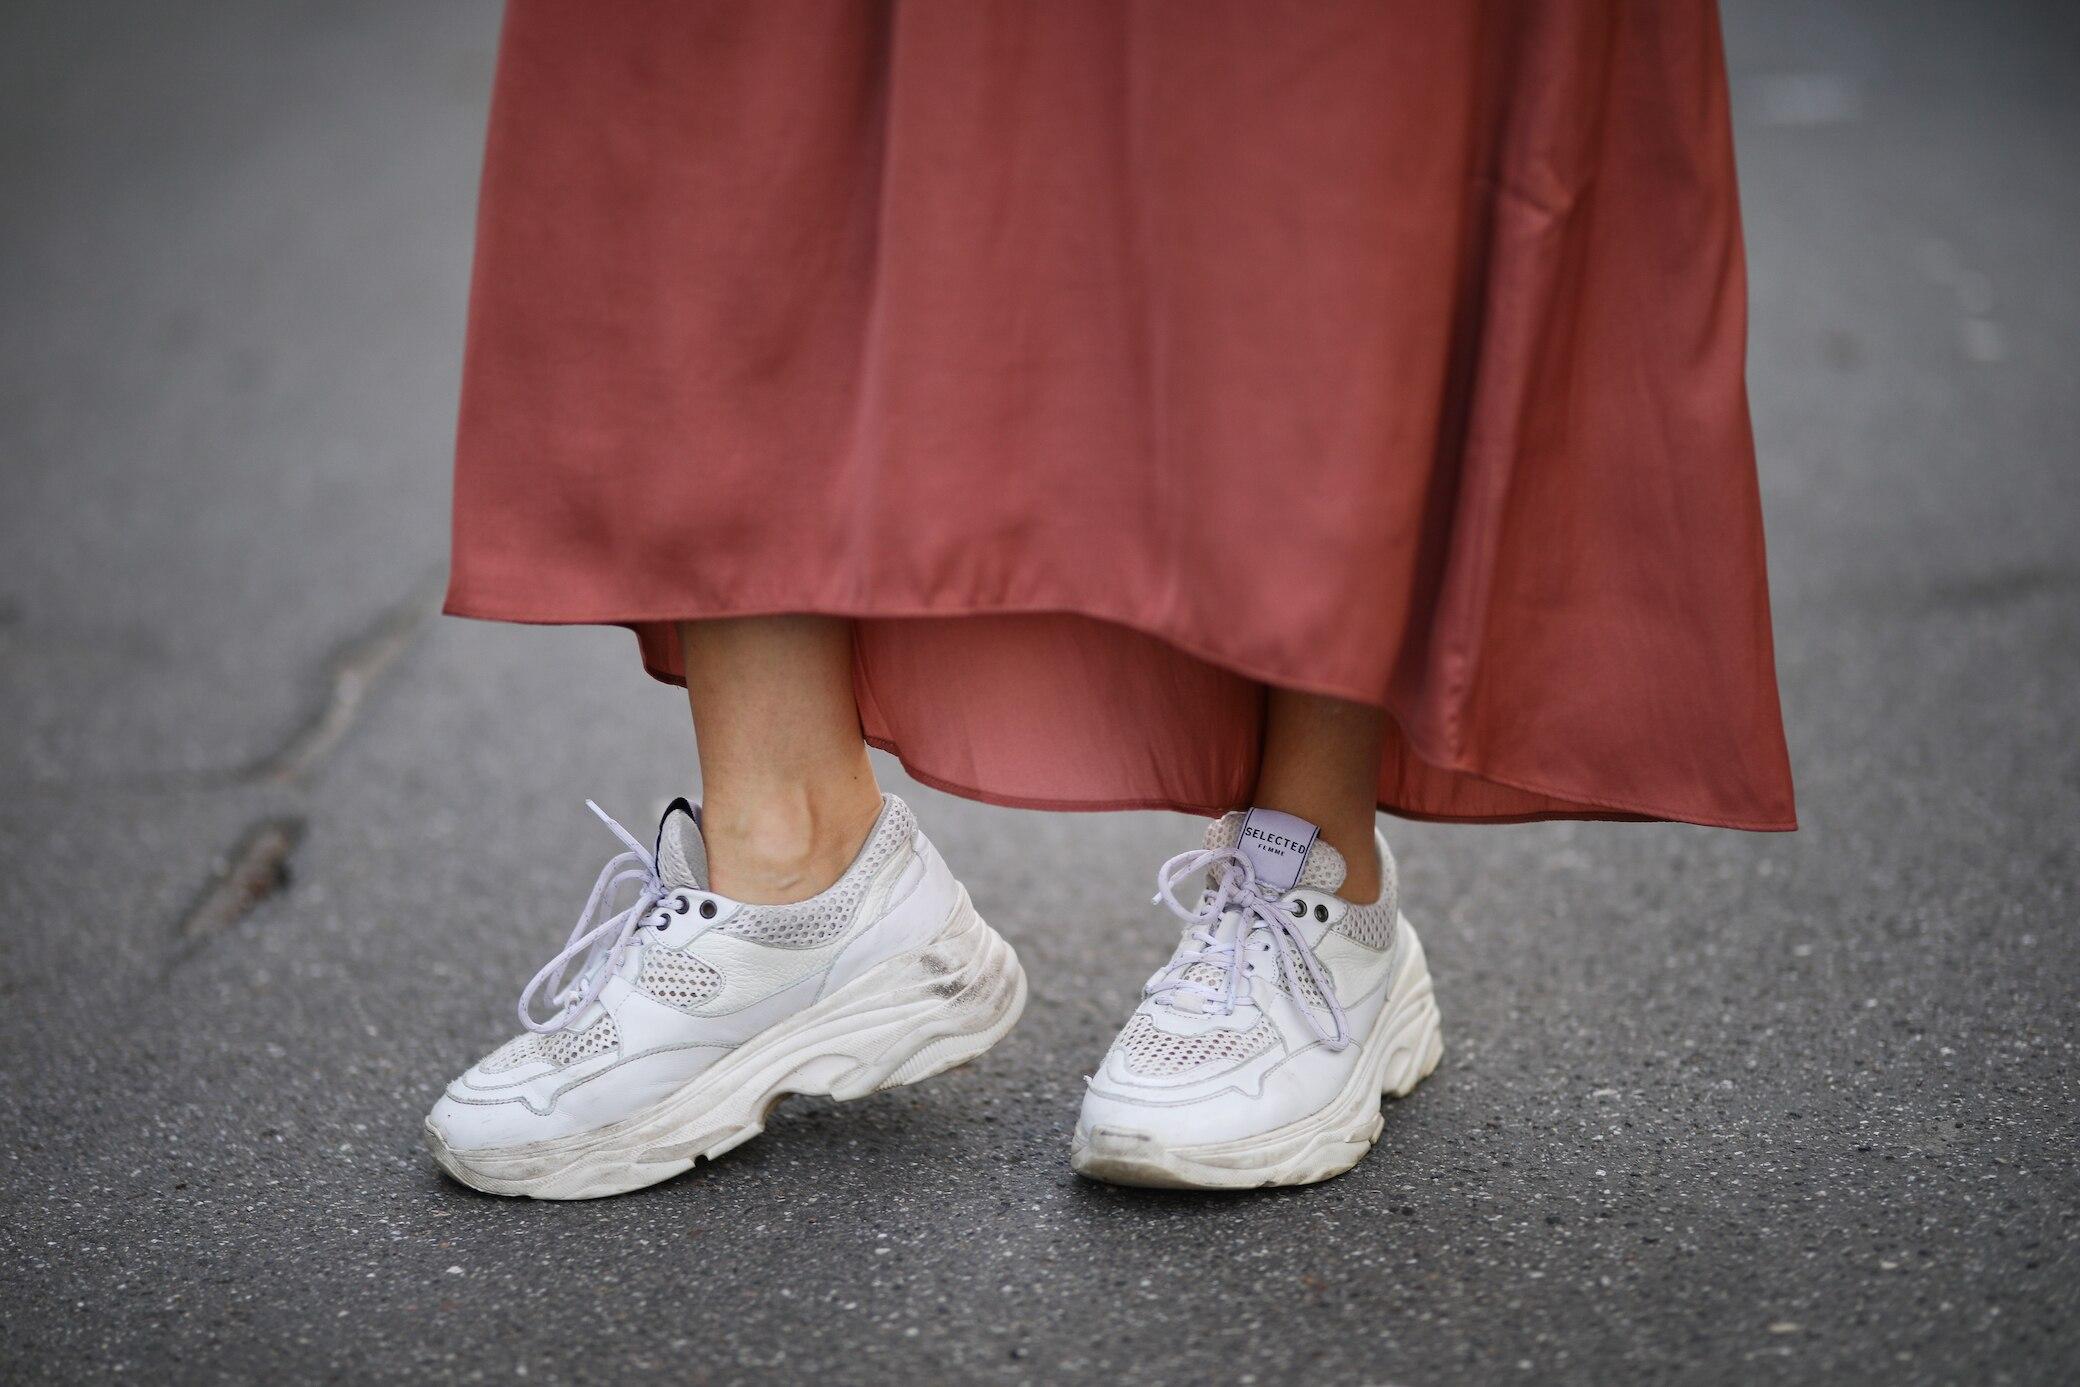 27 Begriffe, die echte Sneaker-Fans kennen sollten